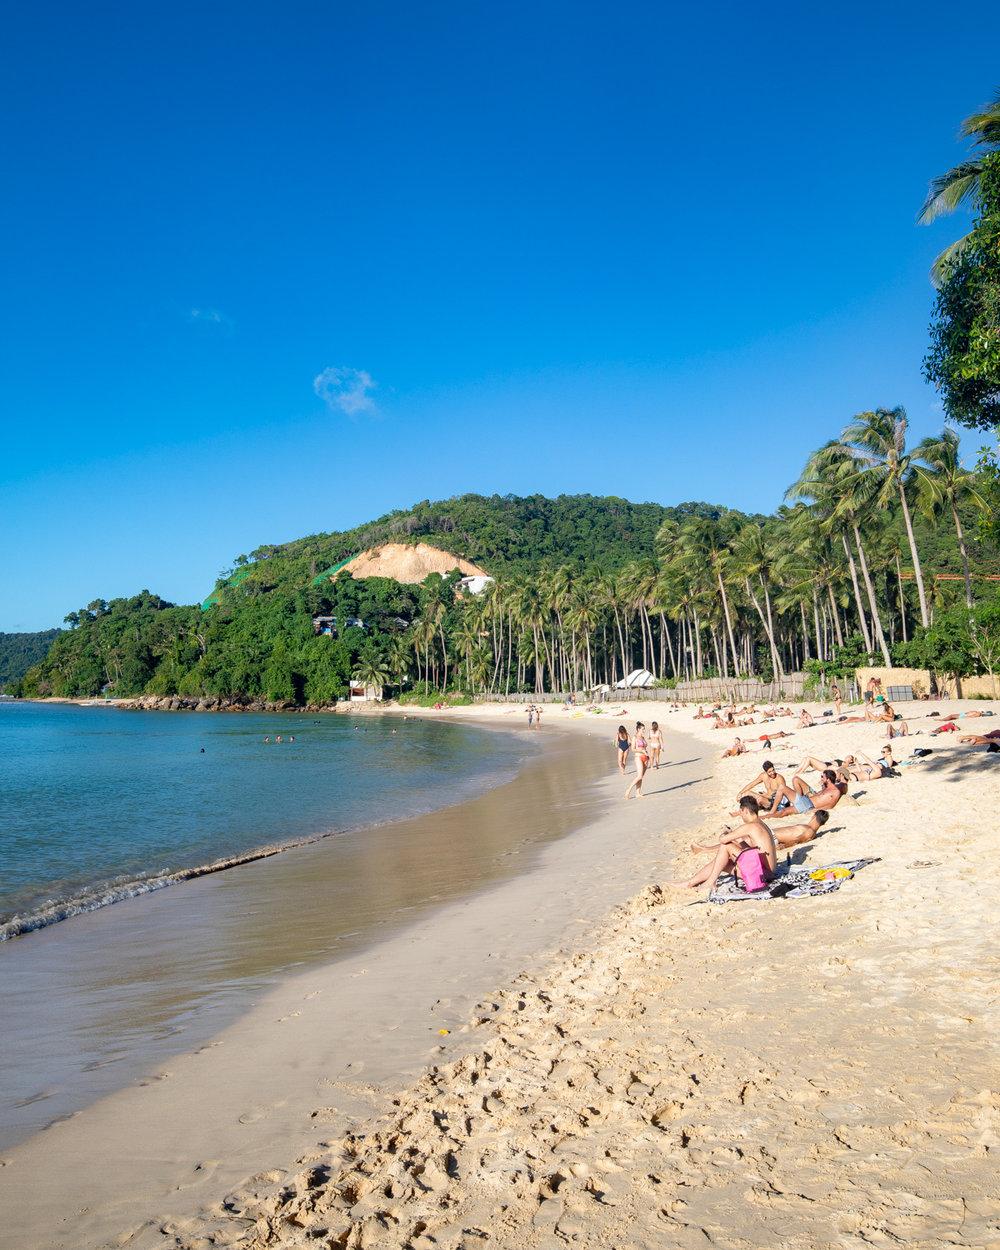 Merrimegmeg Beach in El Nido, Palawan